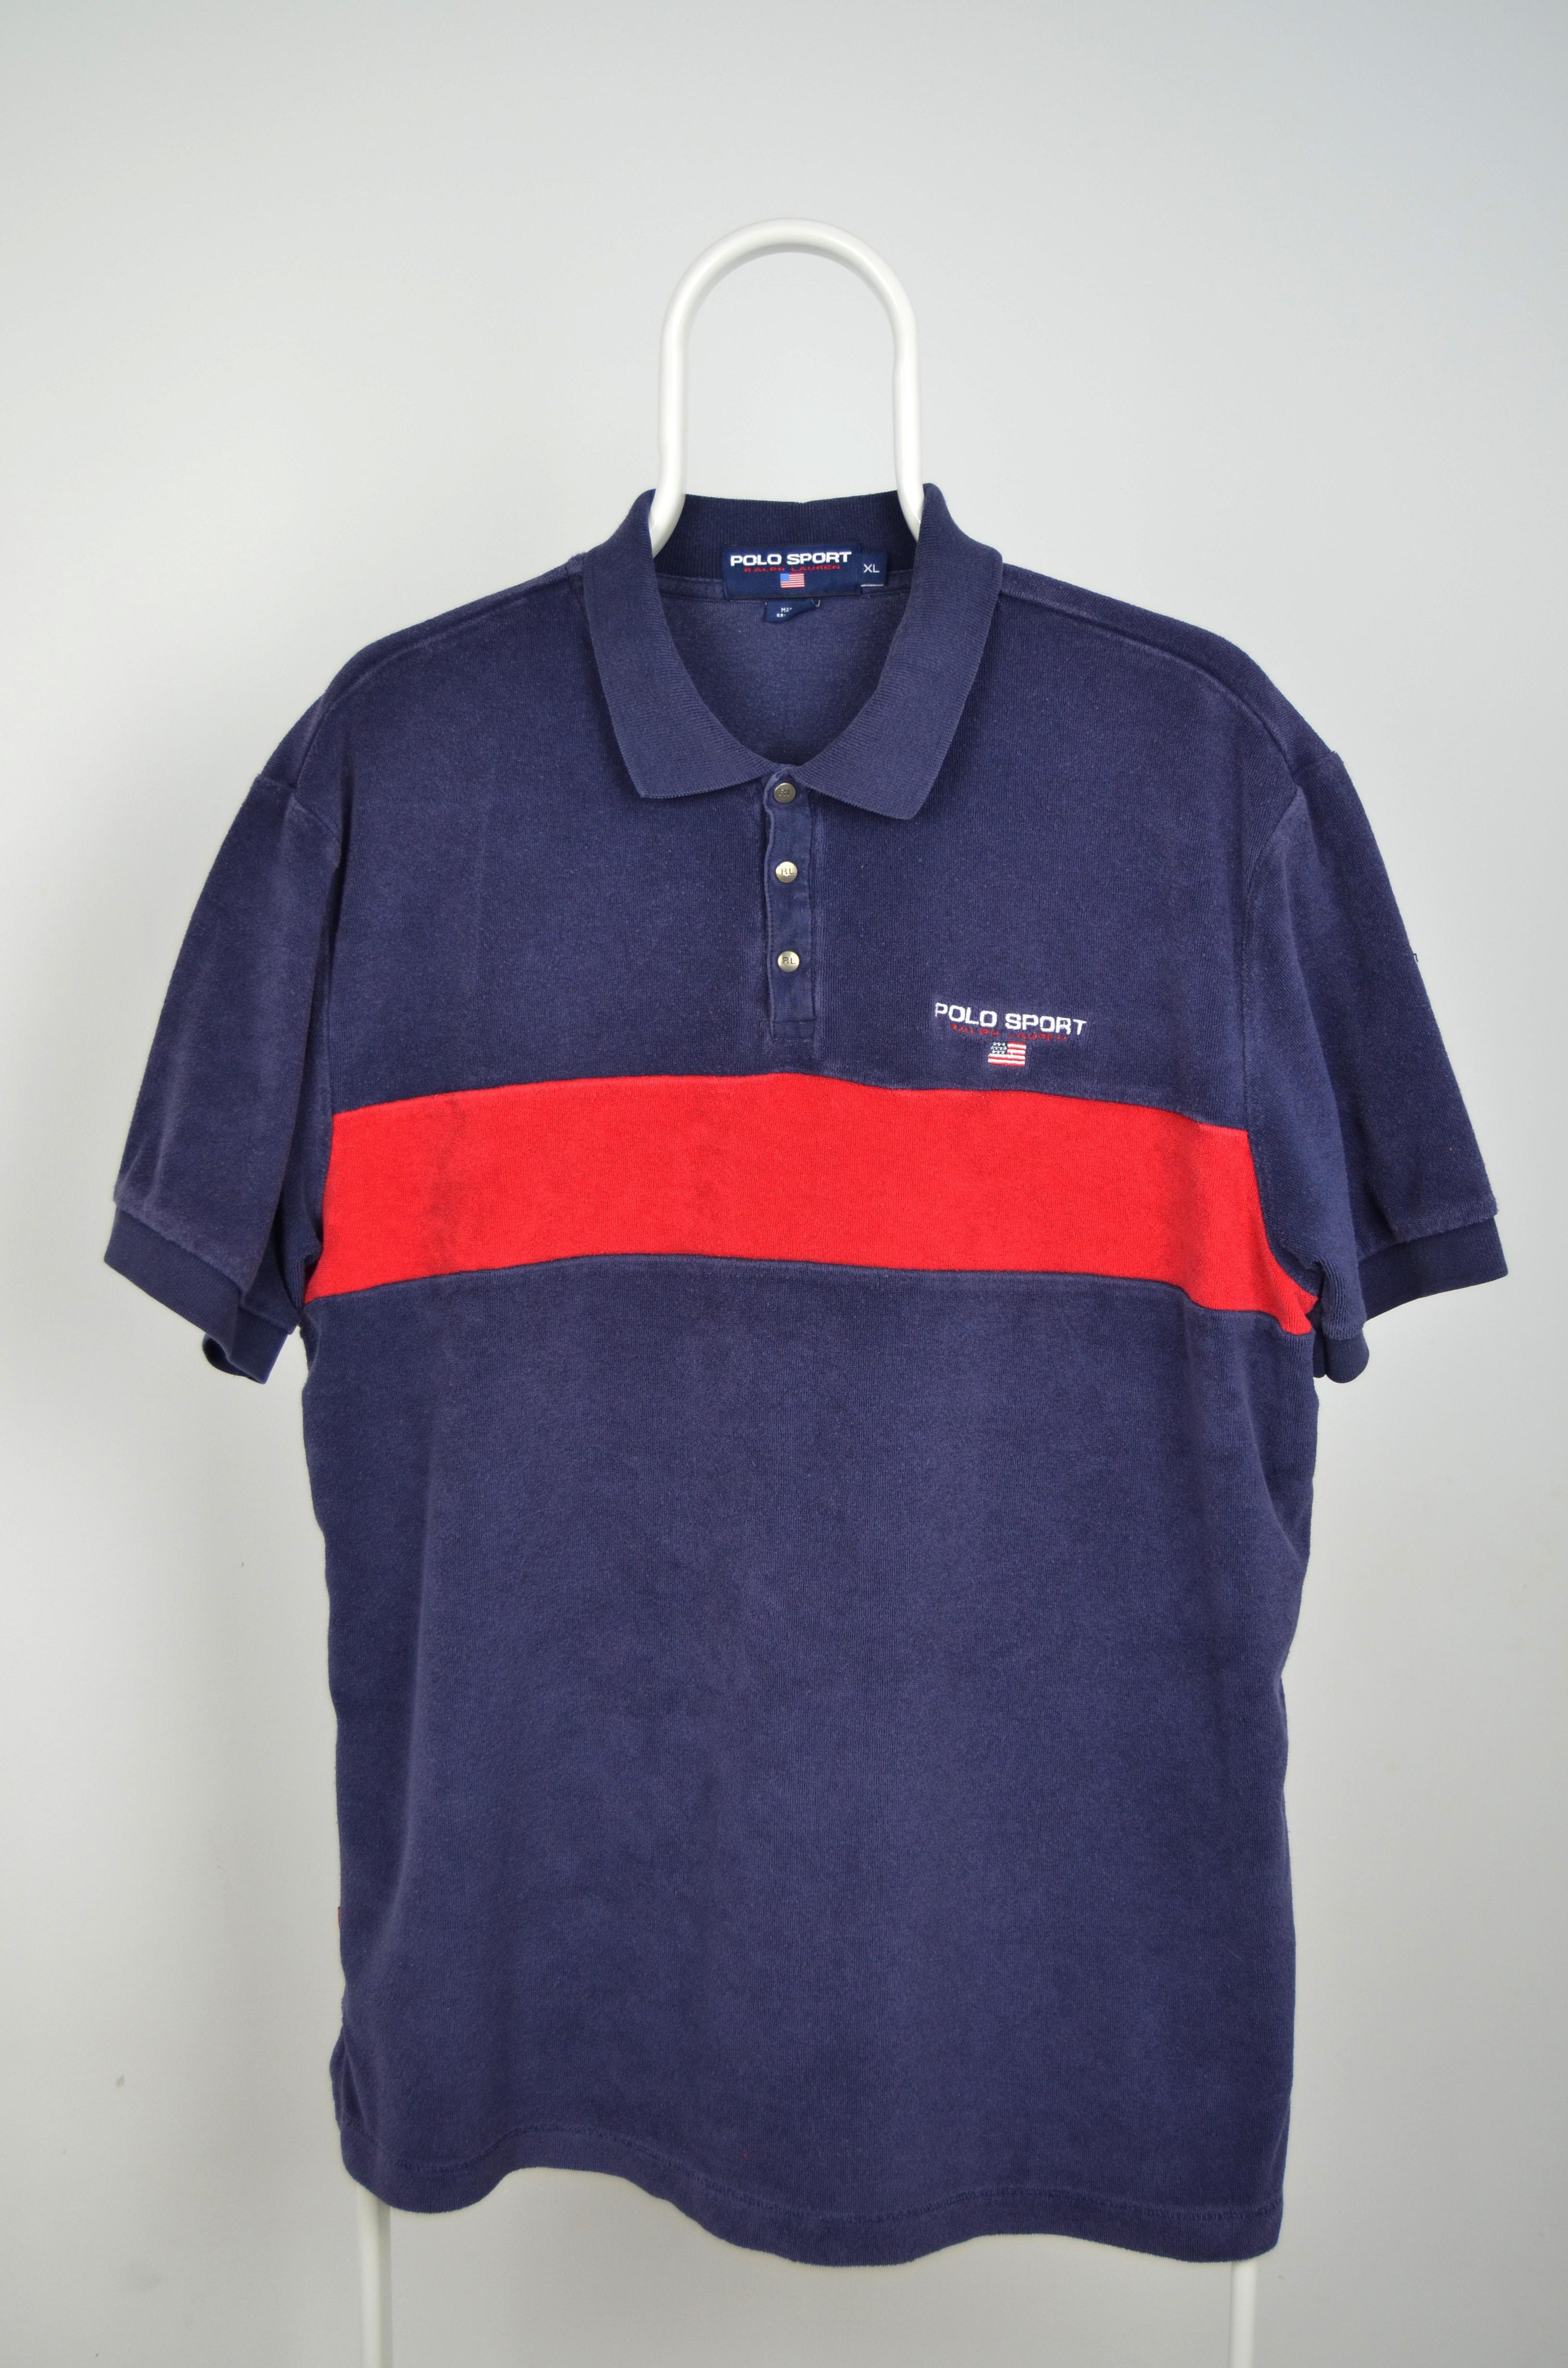 Lauren T Terry Polo Sport Shirt Ralph rBQdshCtx